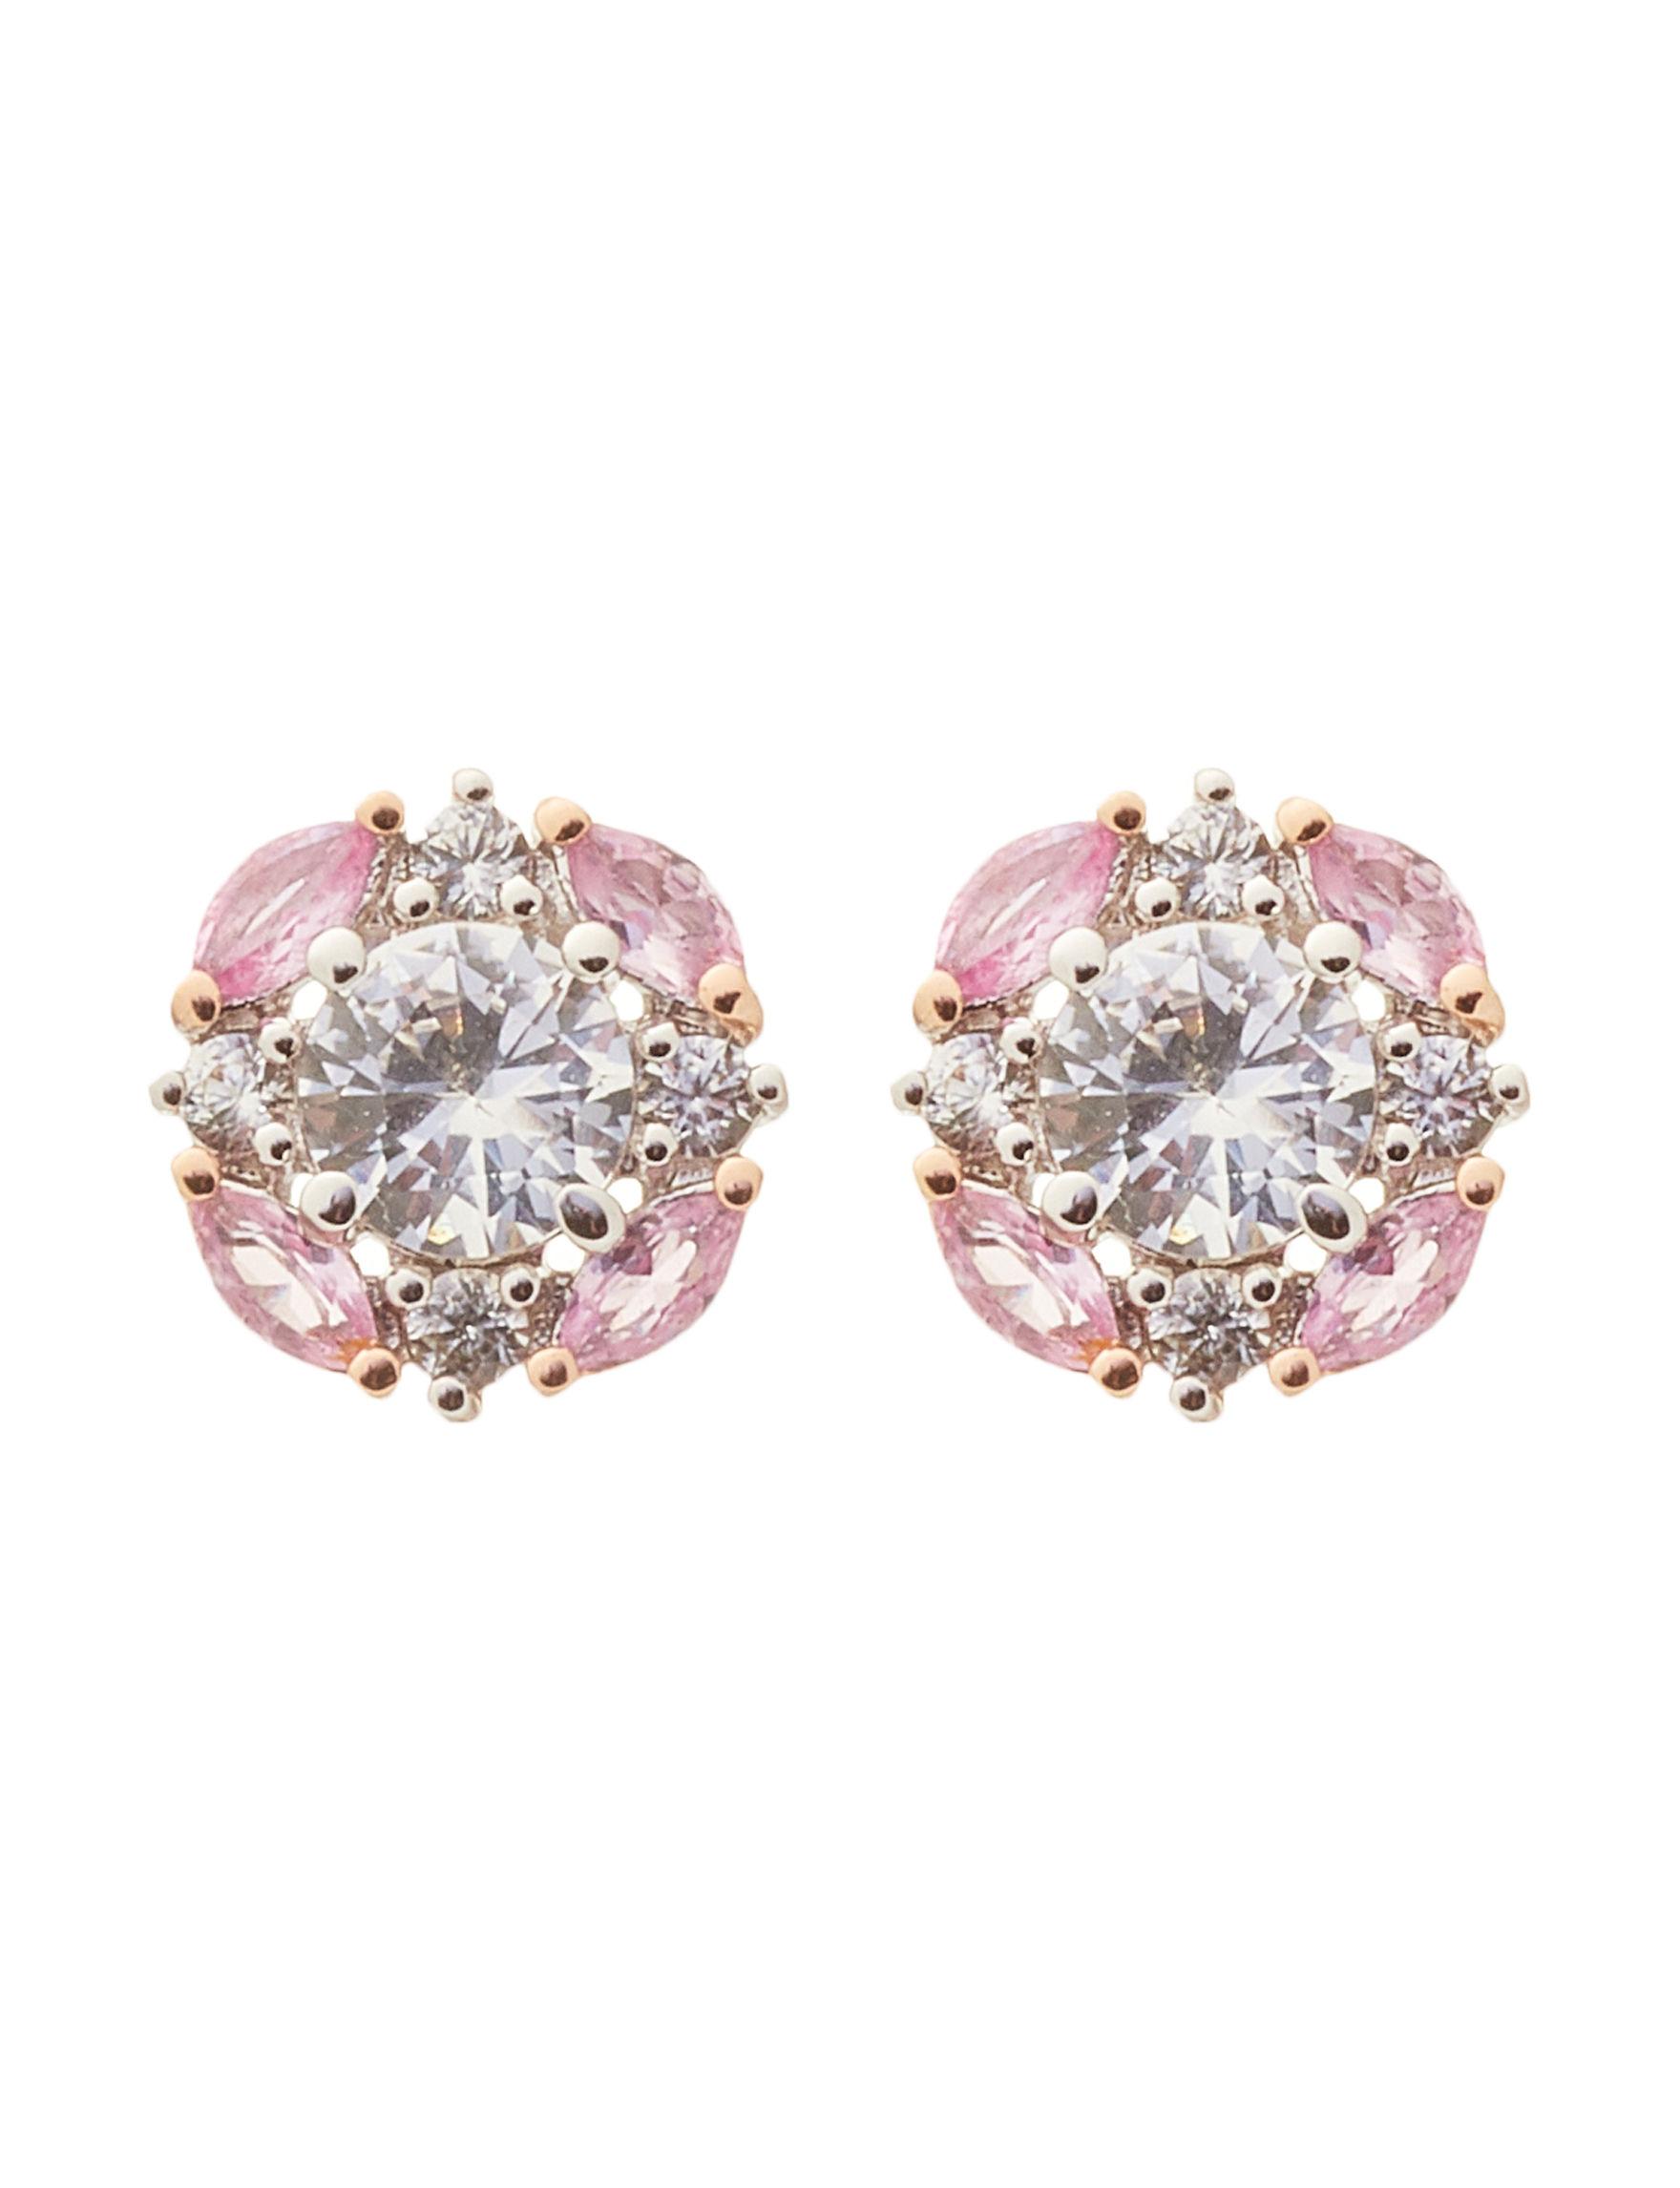 PAJ INC. Silver / Purple Stone Studs Earrings Fine Jewelry